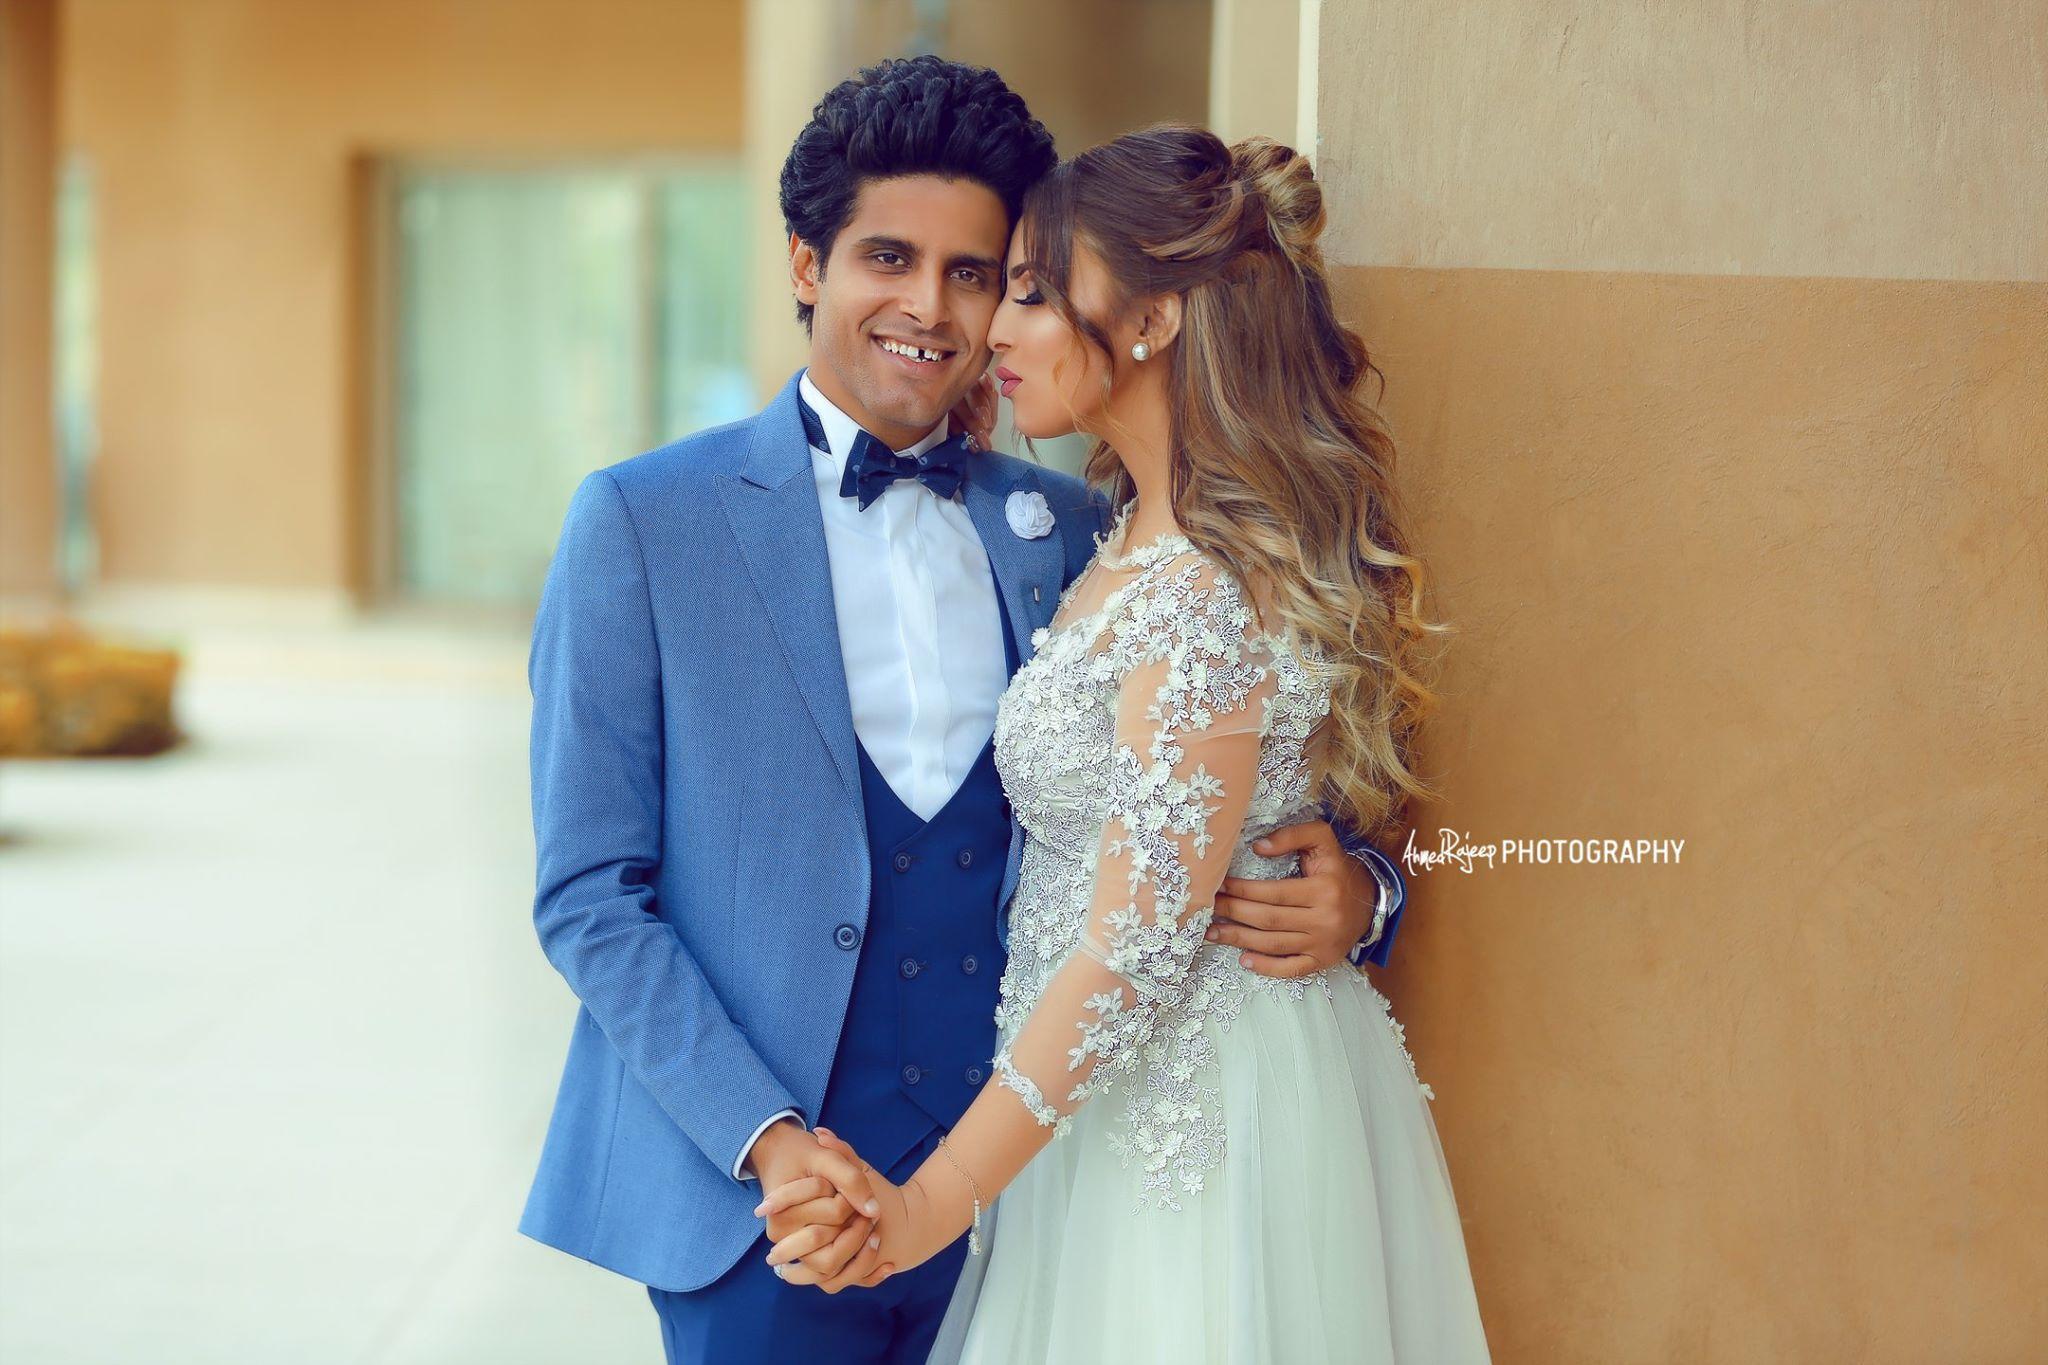 جلسة تصوير حفل زفاف حمدى الميرغنى واسراء عبد الفتاح (11)